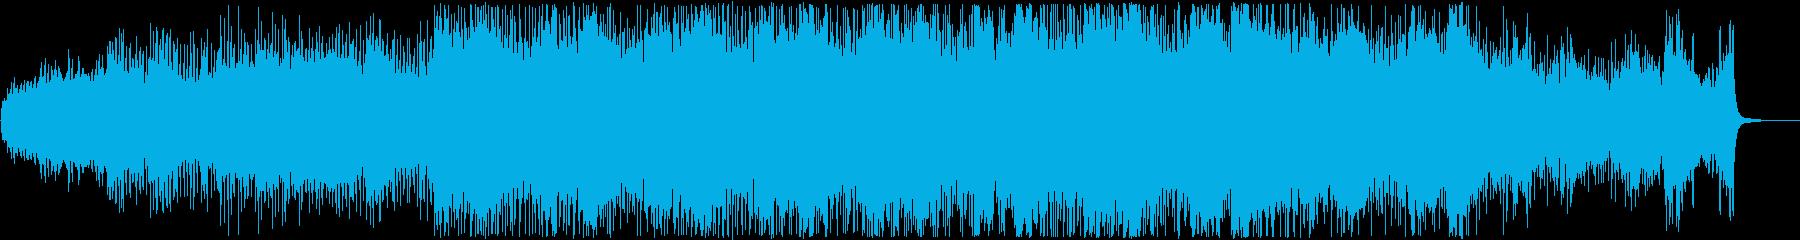 動画 サスペンス 技術的な 楽しげ...の再生済みの波形